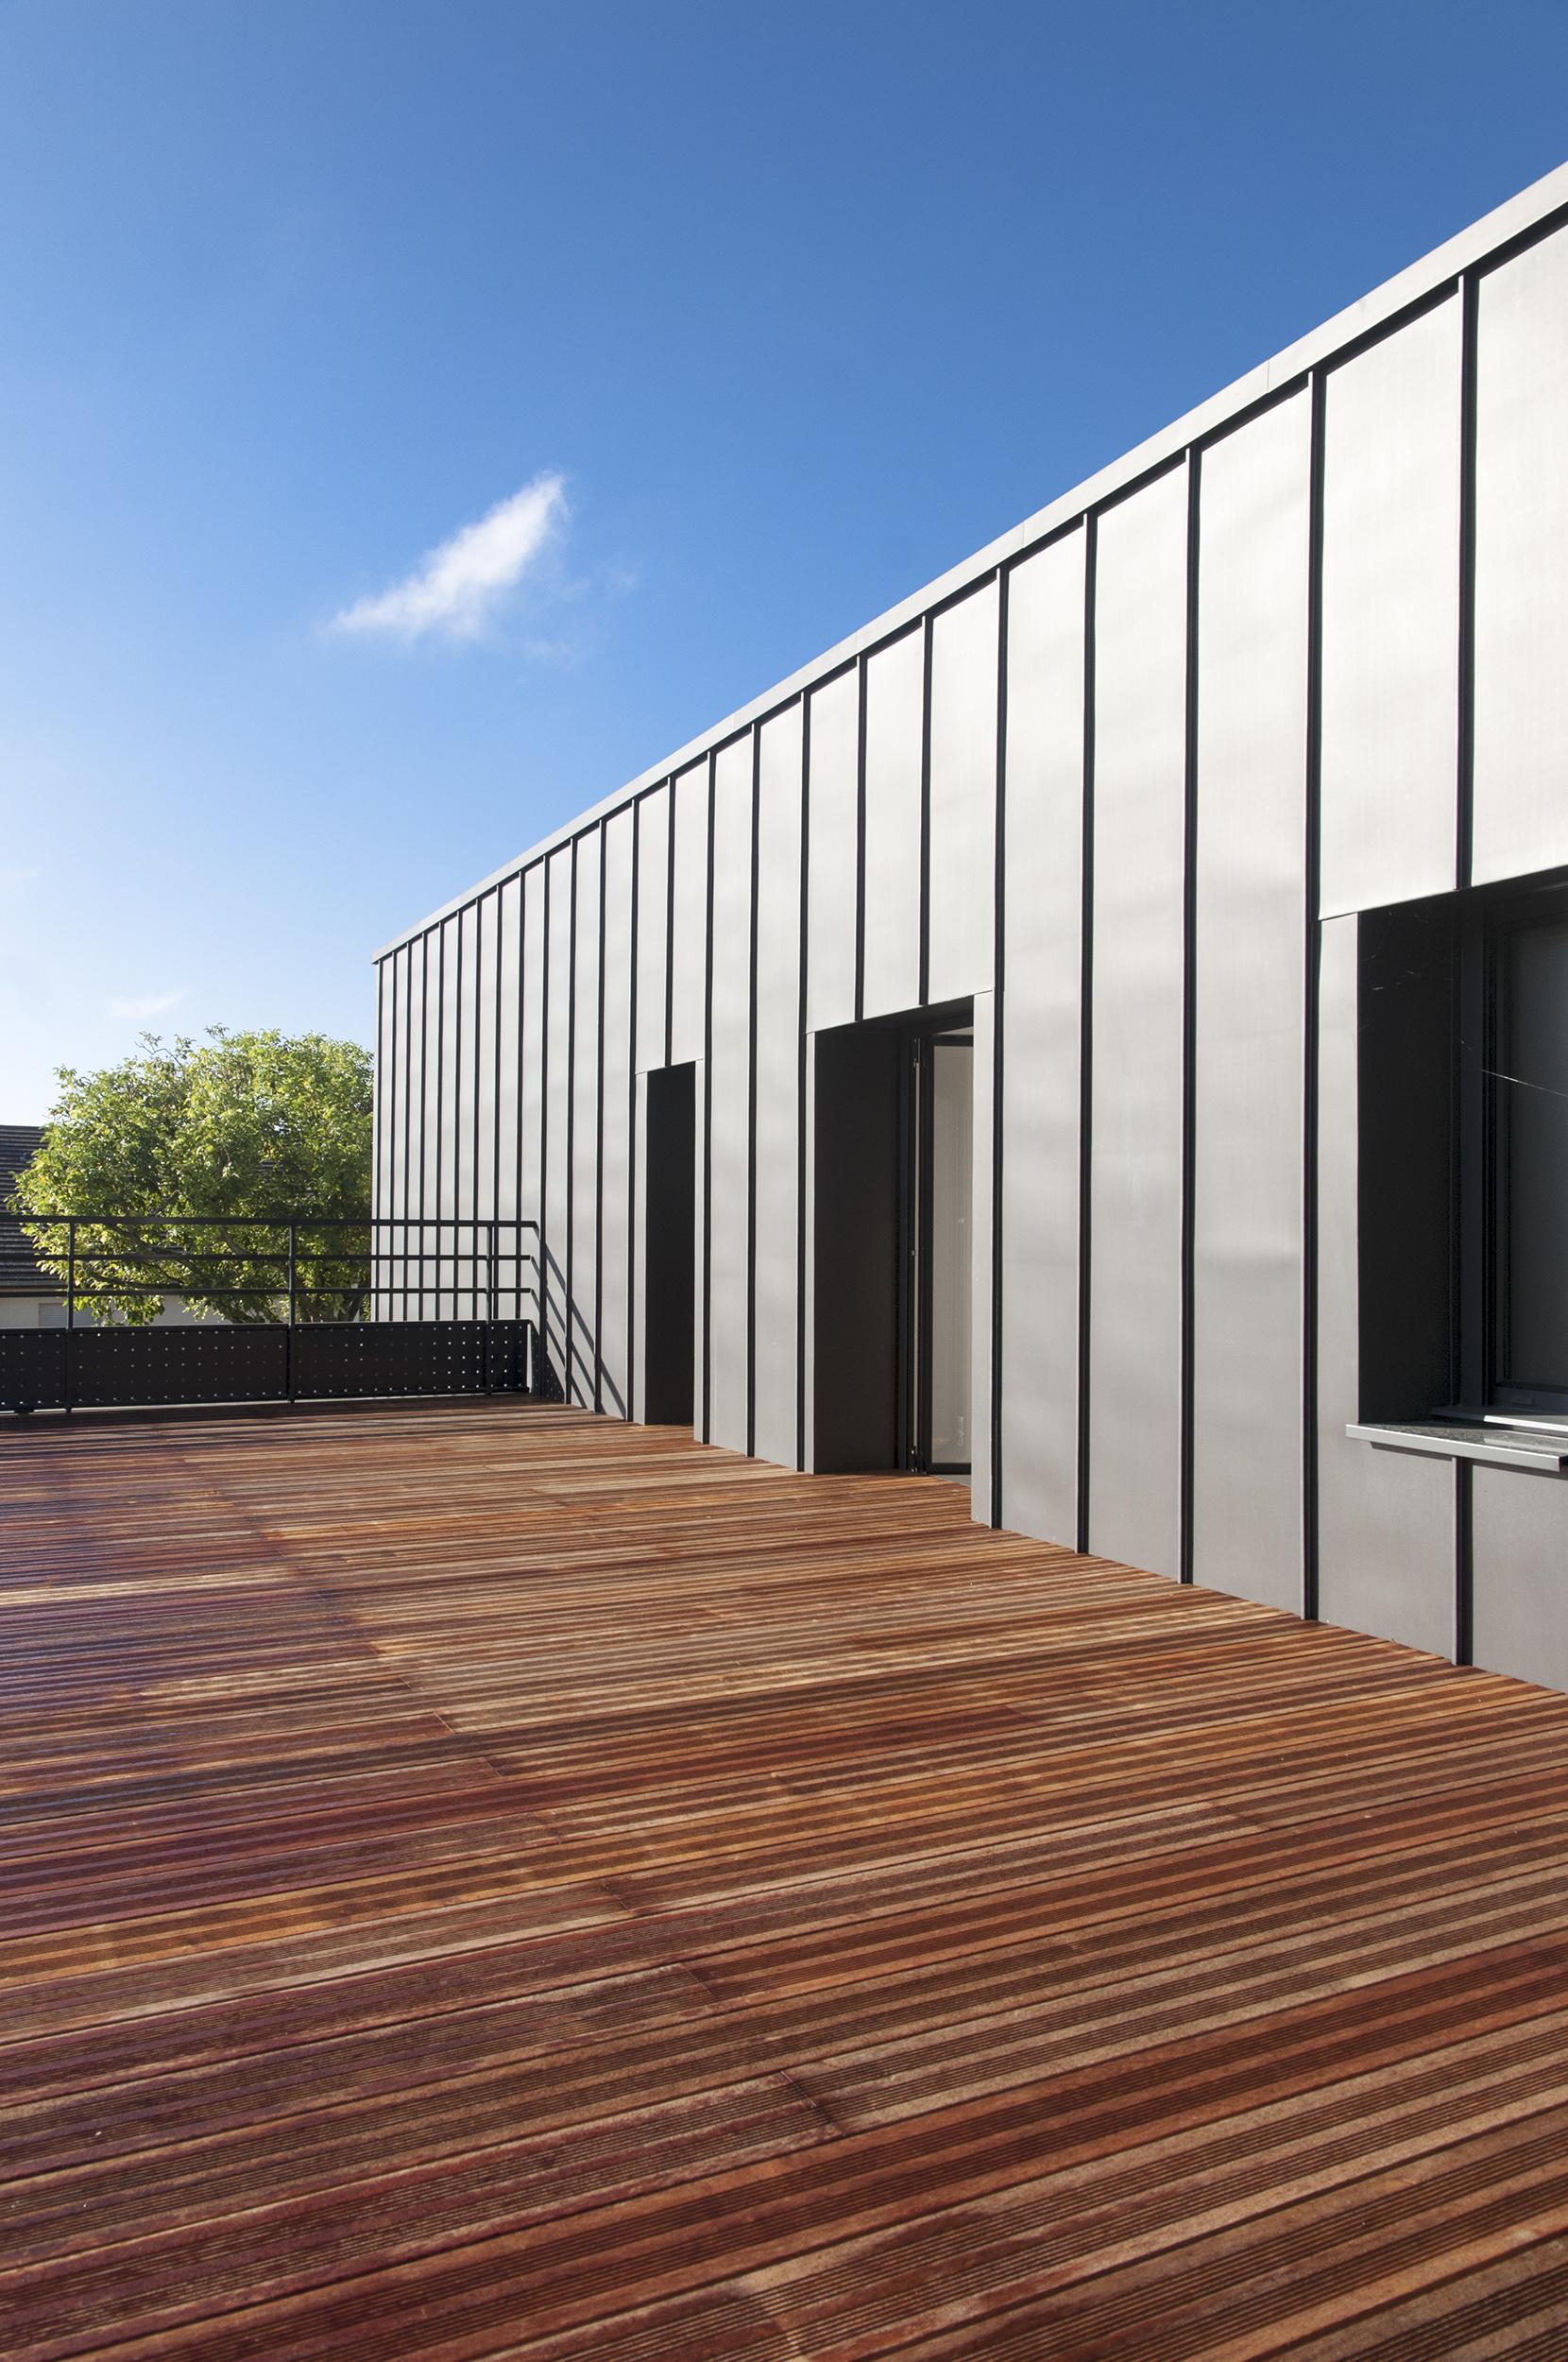 Chouette architecture - Villa Dijon - 2500 28